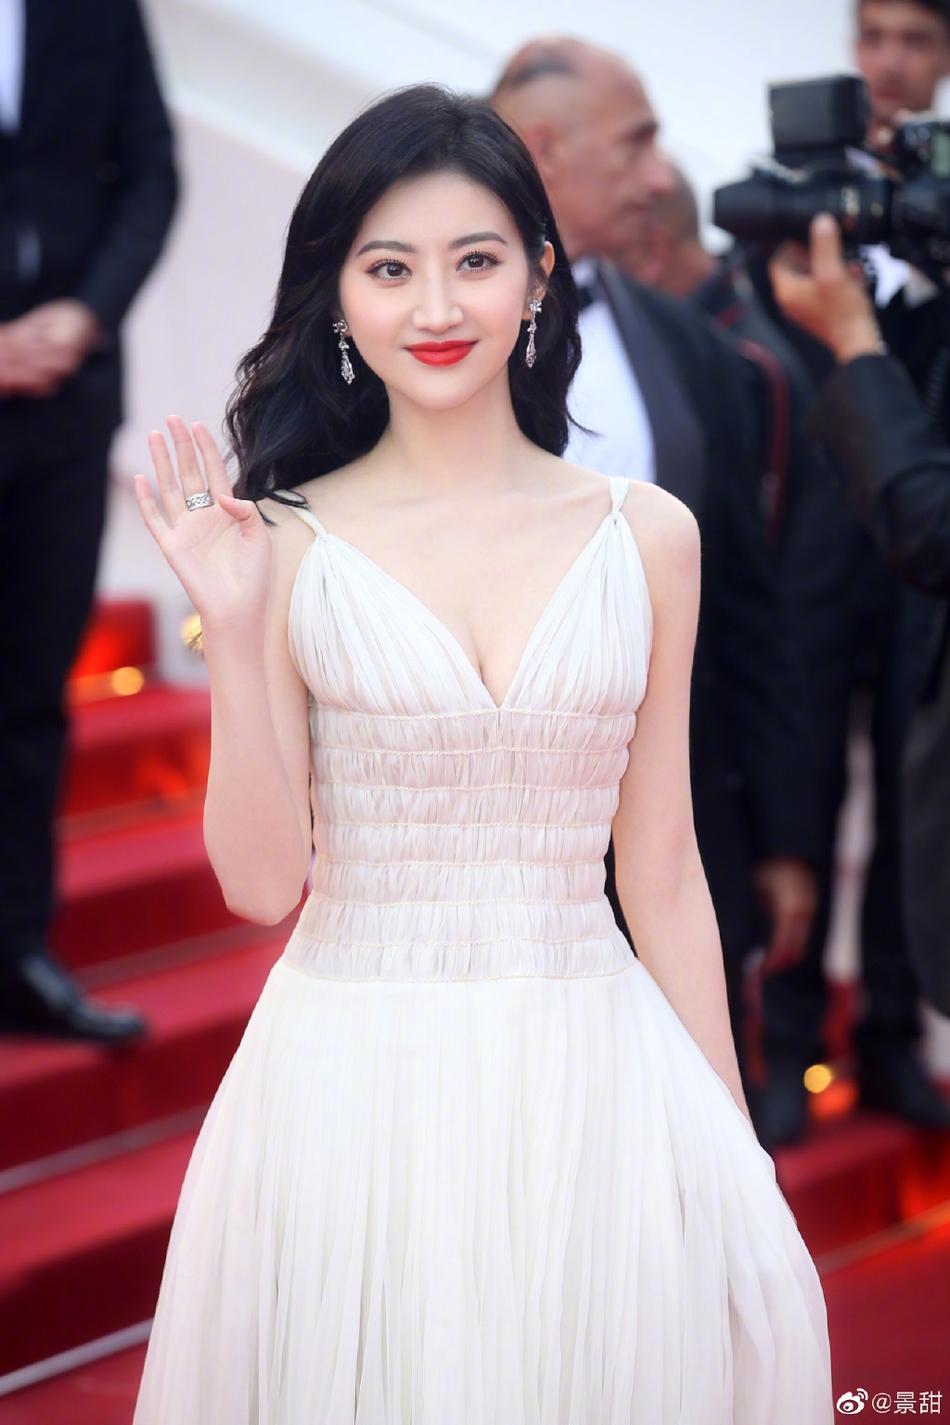 Đệ nhất mỹ nhân Bắc Kinh Cảnh Điềm 3 lần bị đuổi khéo khỏi thảm đỏ Cannes 2019 - Ảnh 6